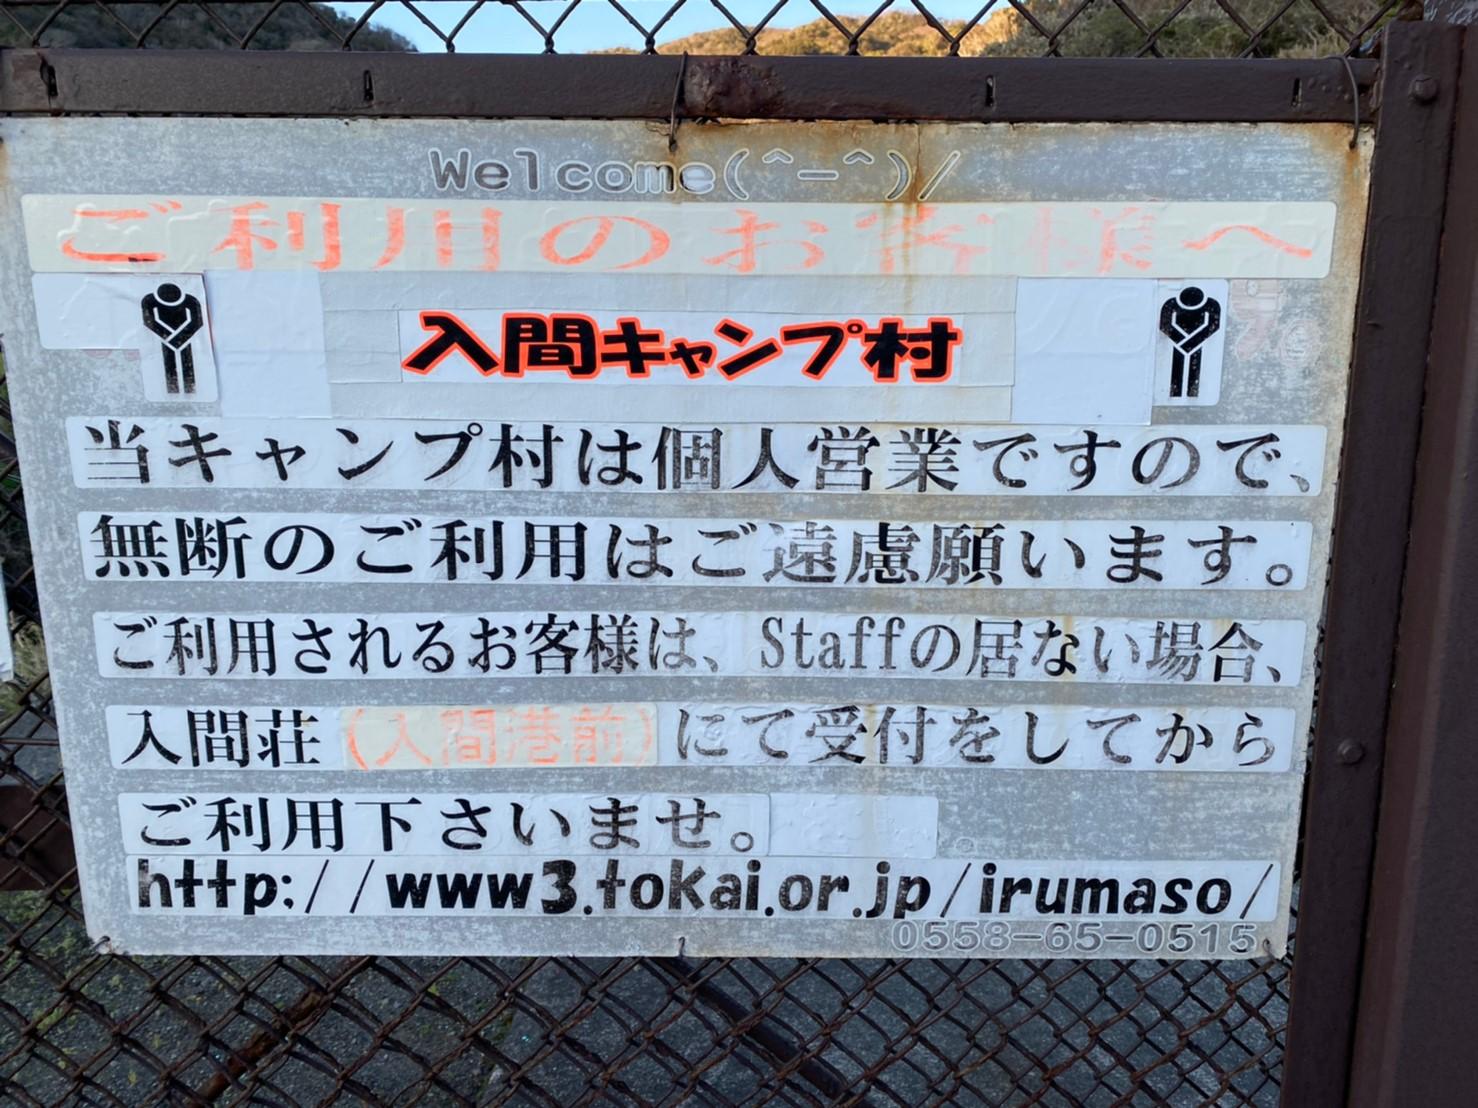 【ヒリゾ浜・入間海水浴場のそば!伊豆】『入間キャンプ村』の情報まとめ(駐車場・トイレ)